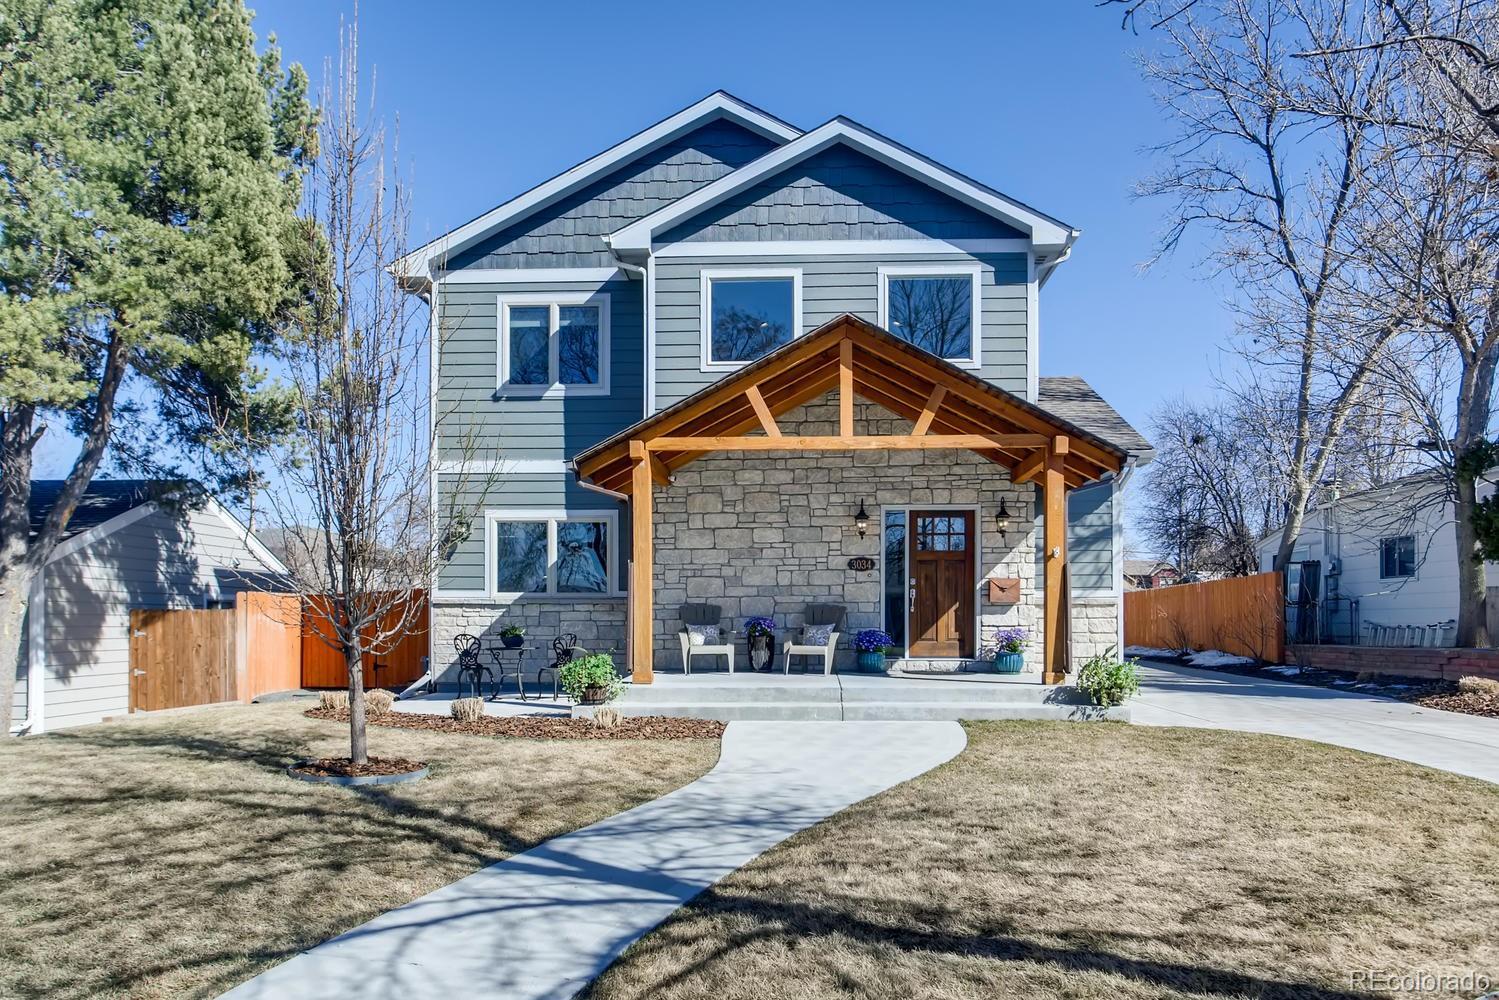 3034 S Ash Street, Denver, CO 80222 - Denver, CO real estate listing